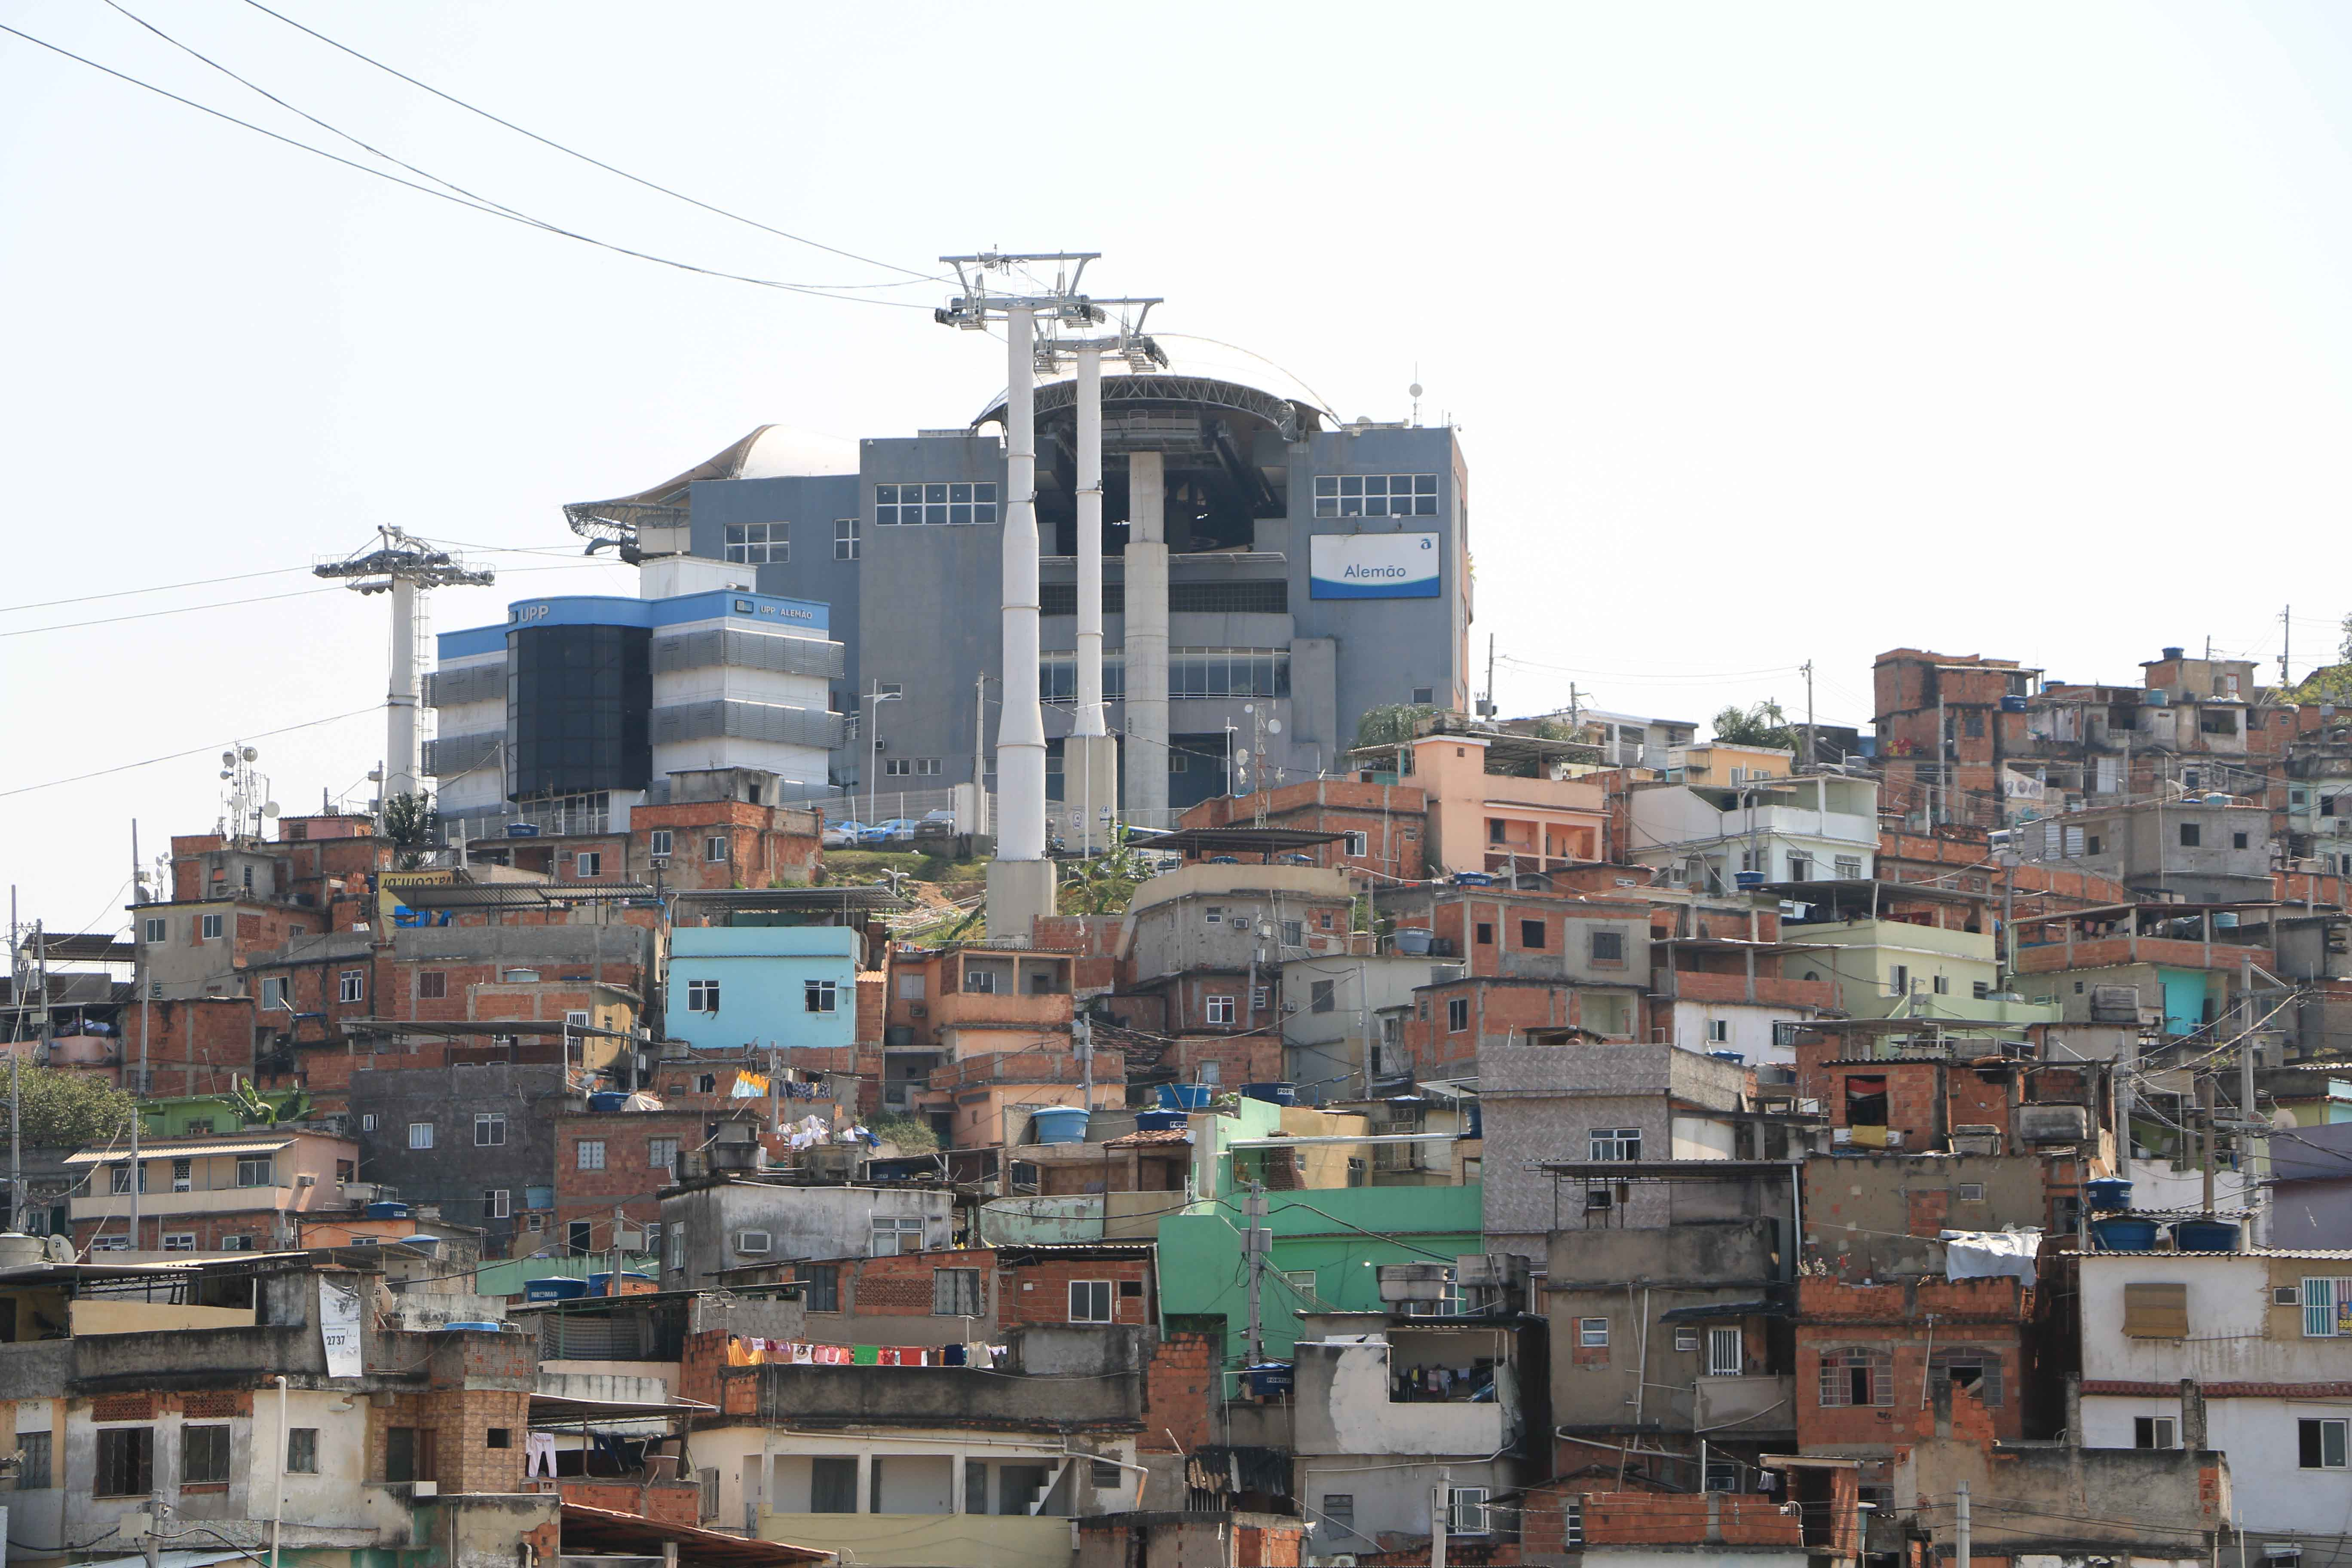 Complexo do Alemão está dentro do programa Territórios Sociais da ONU-Habitat com a Prefeitura